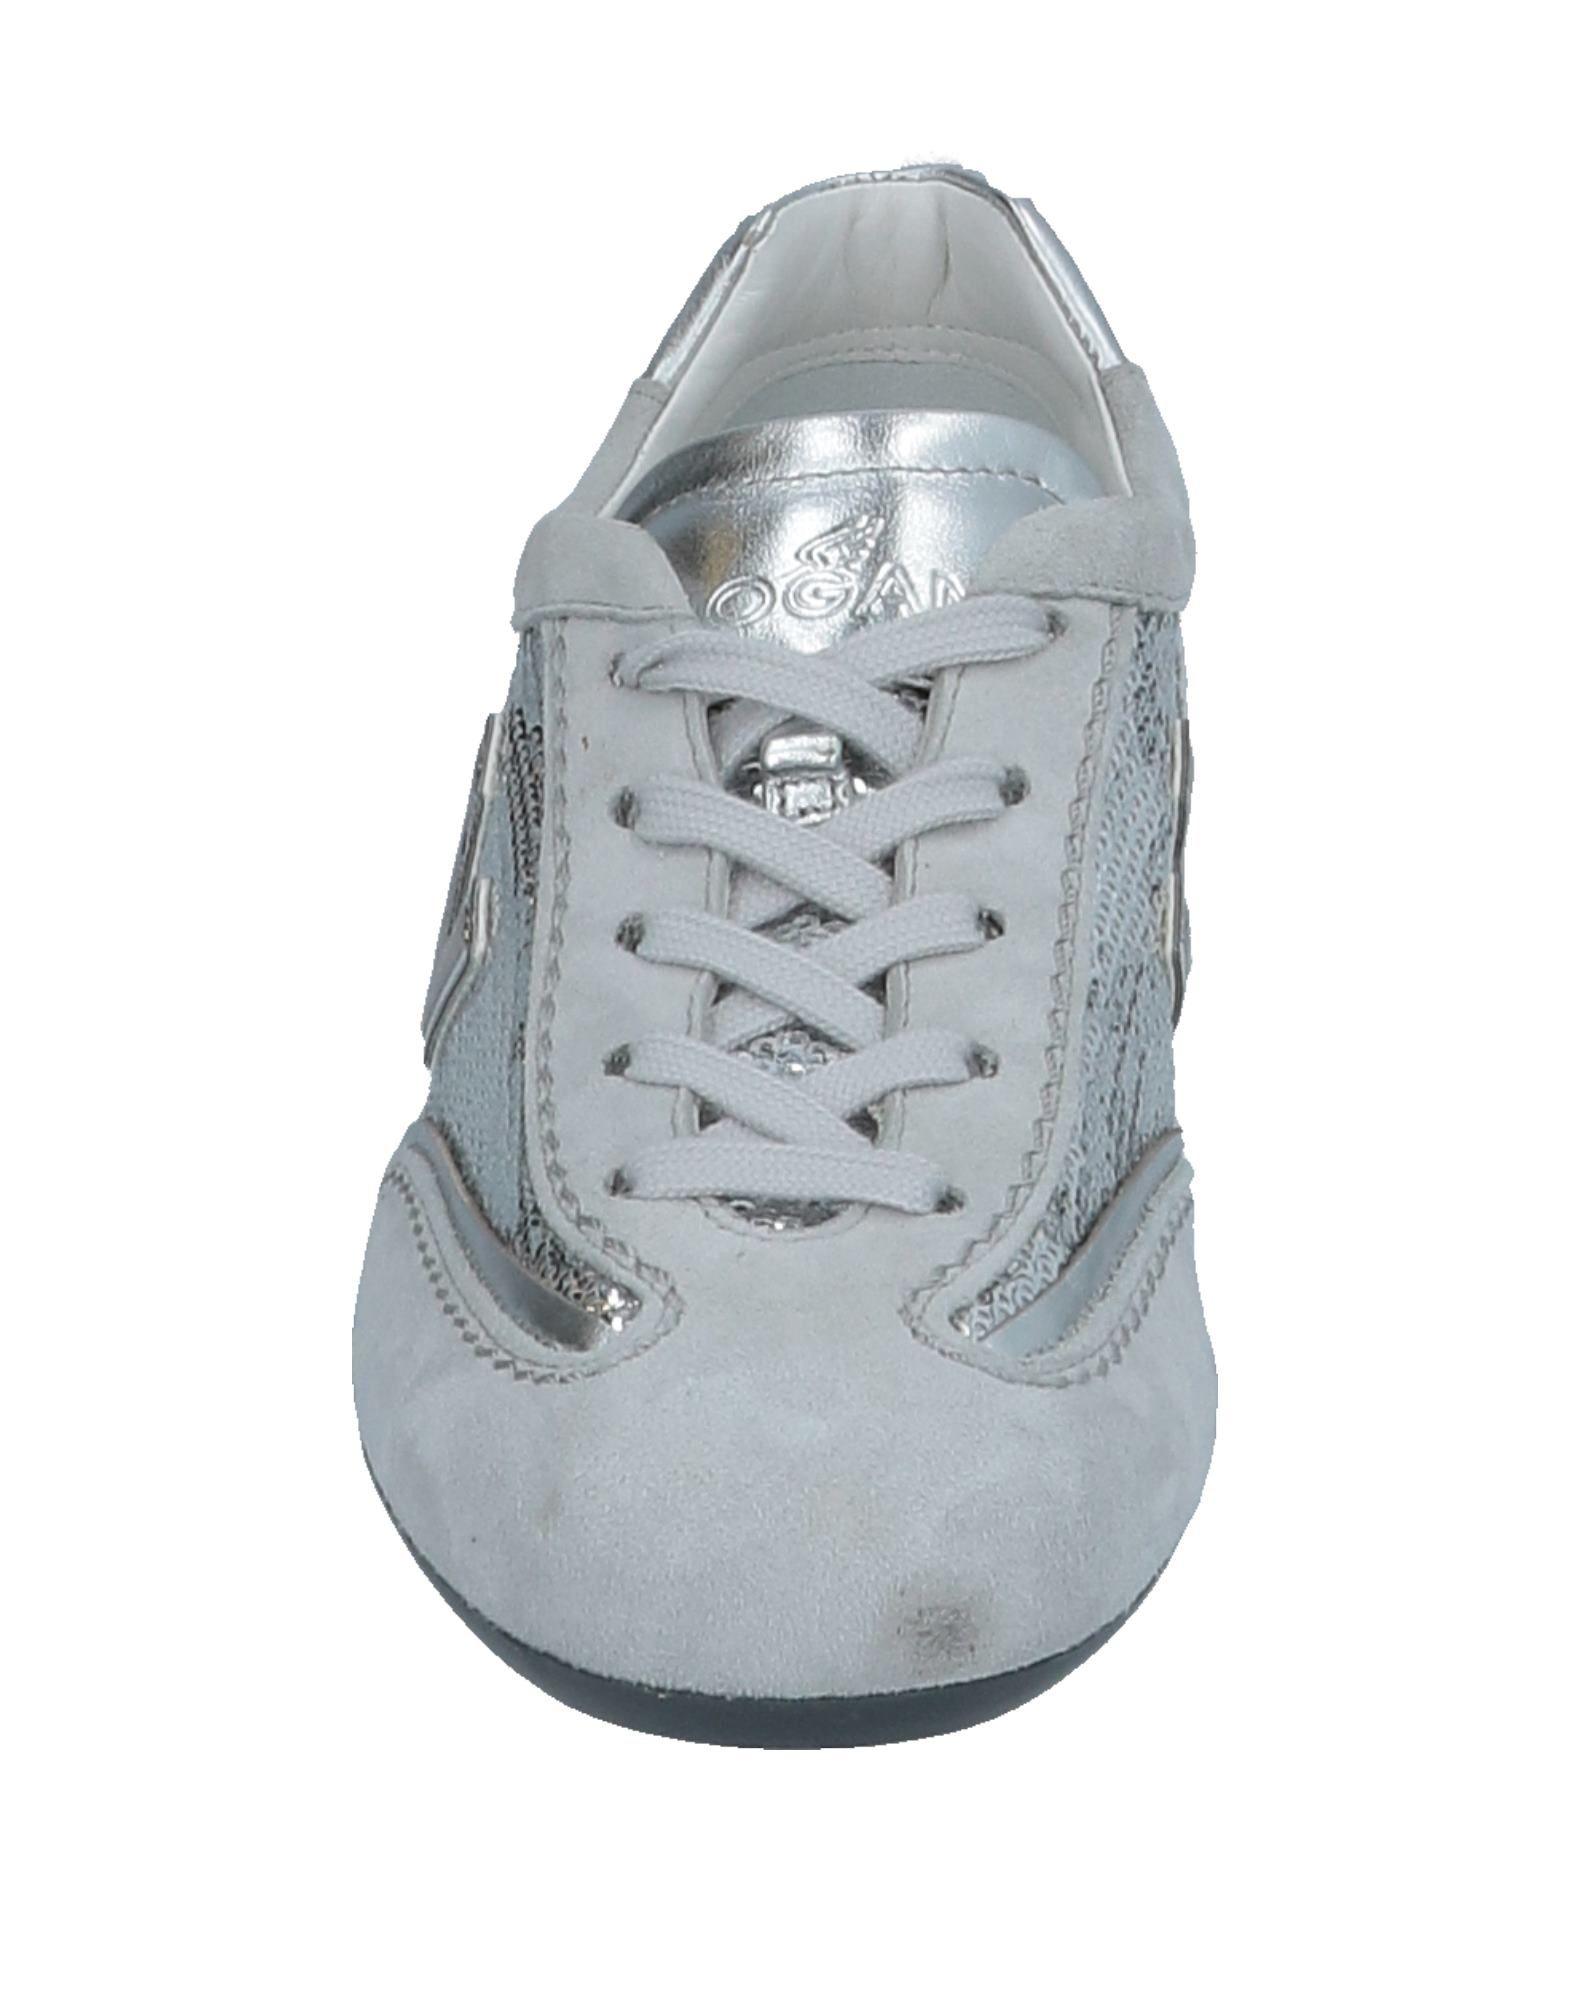 Stilvolle billige Sneakers Schuhe Hogan Sneakers billige Damen  11517244KD 2b266a